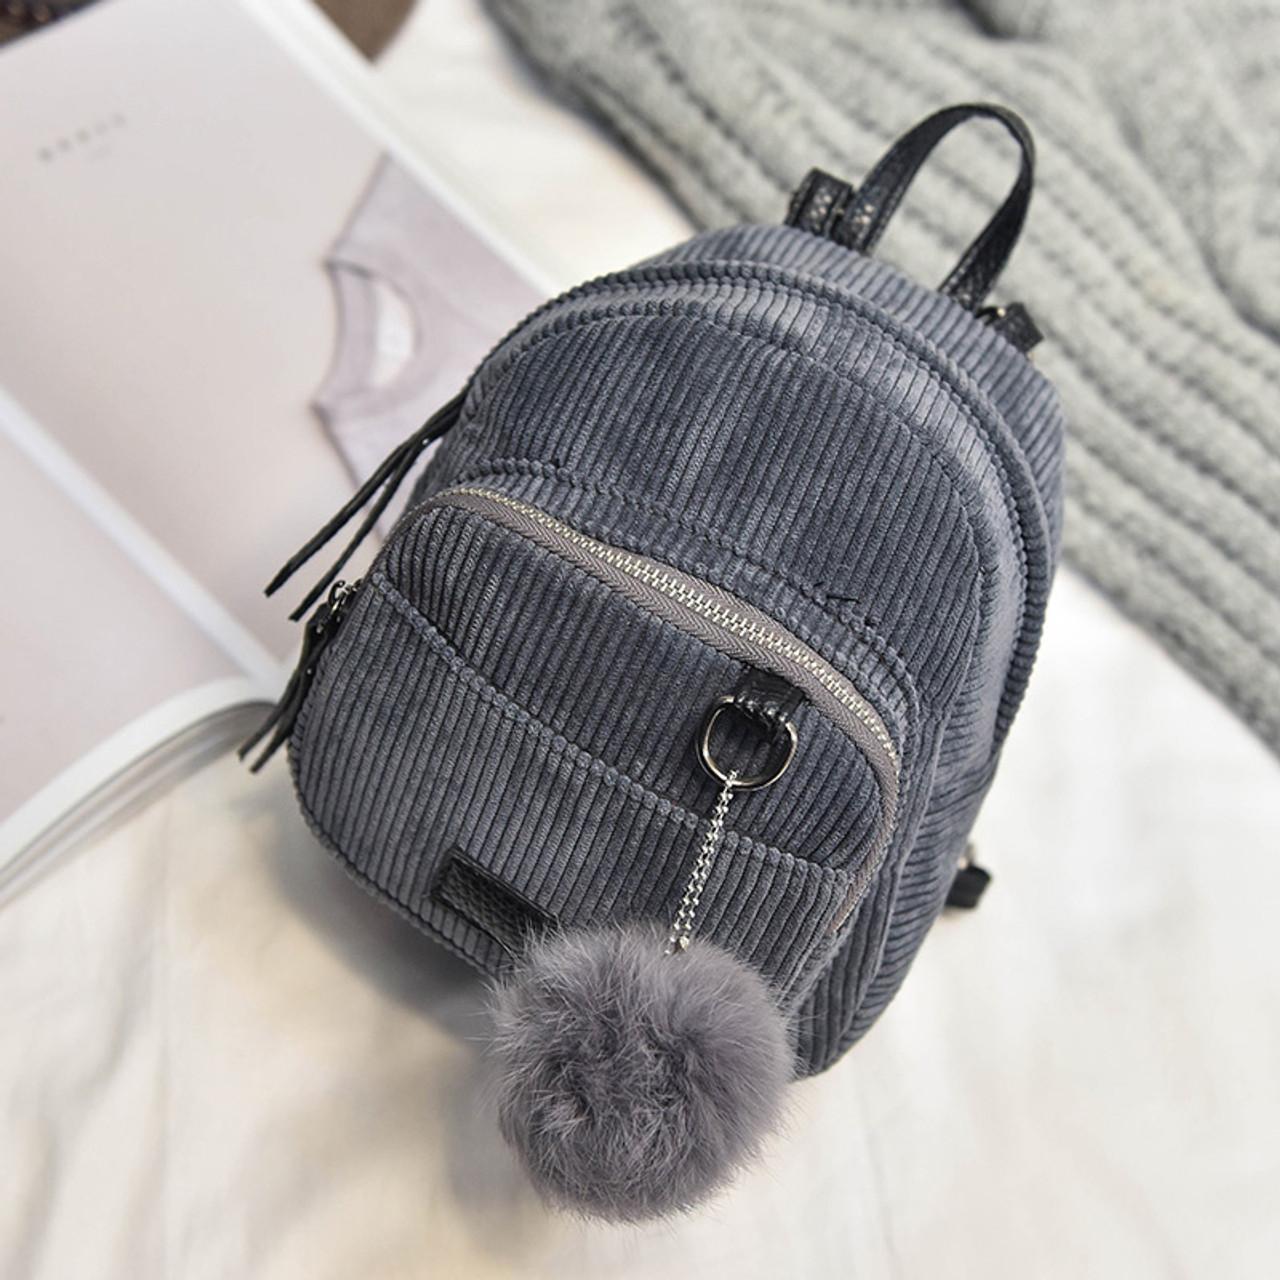 9ea151ed2ad0 Women Backpack 2019 Cute Backpack For Teenagers Shoulder Bag Mini Back Pack  Kawaii Girls Kids Small Backpacks Feminine Packbags - OnshopDeals.Com